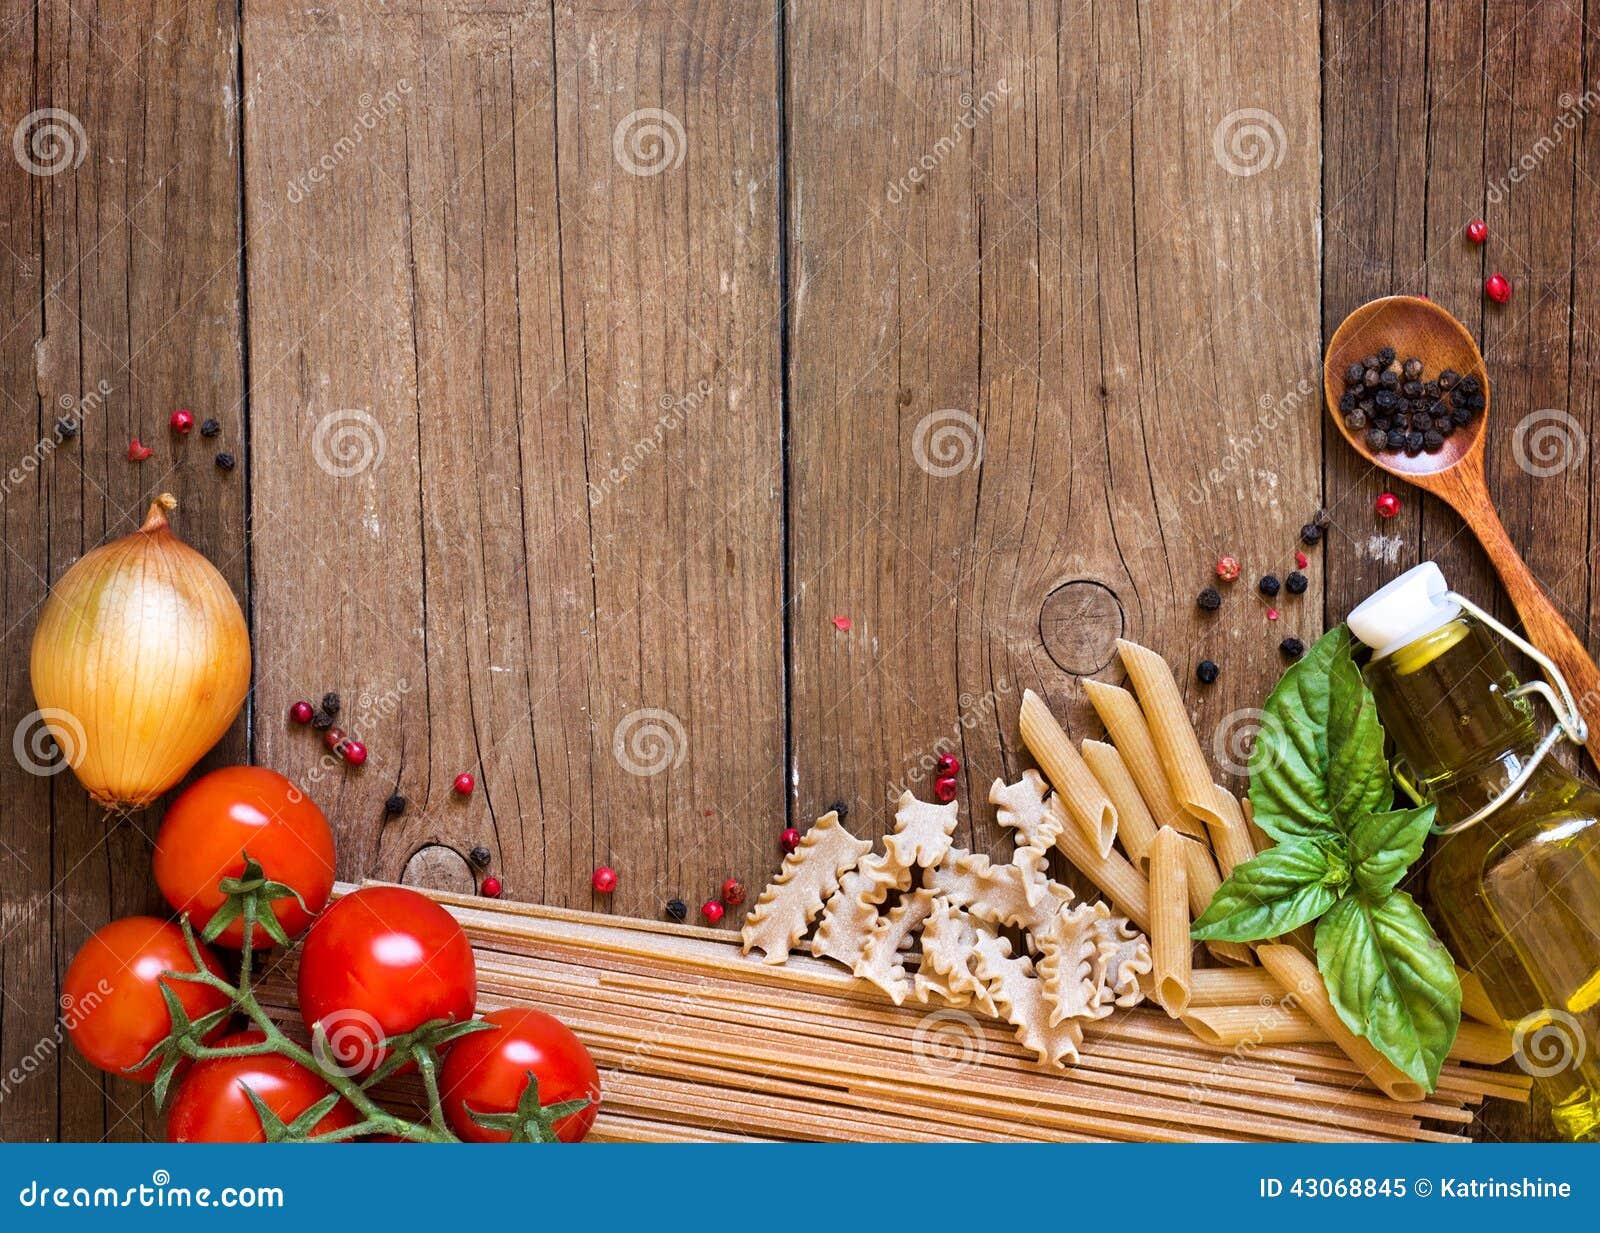 Макаронные изделия, томаты, лук, оливковое масло и базилик на деревянной предпосылке